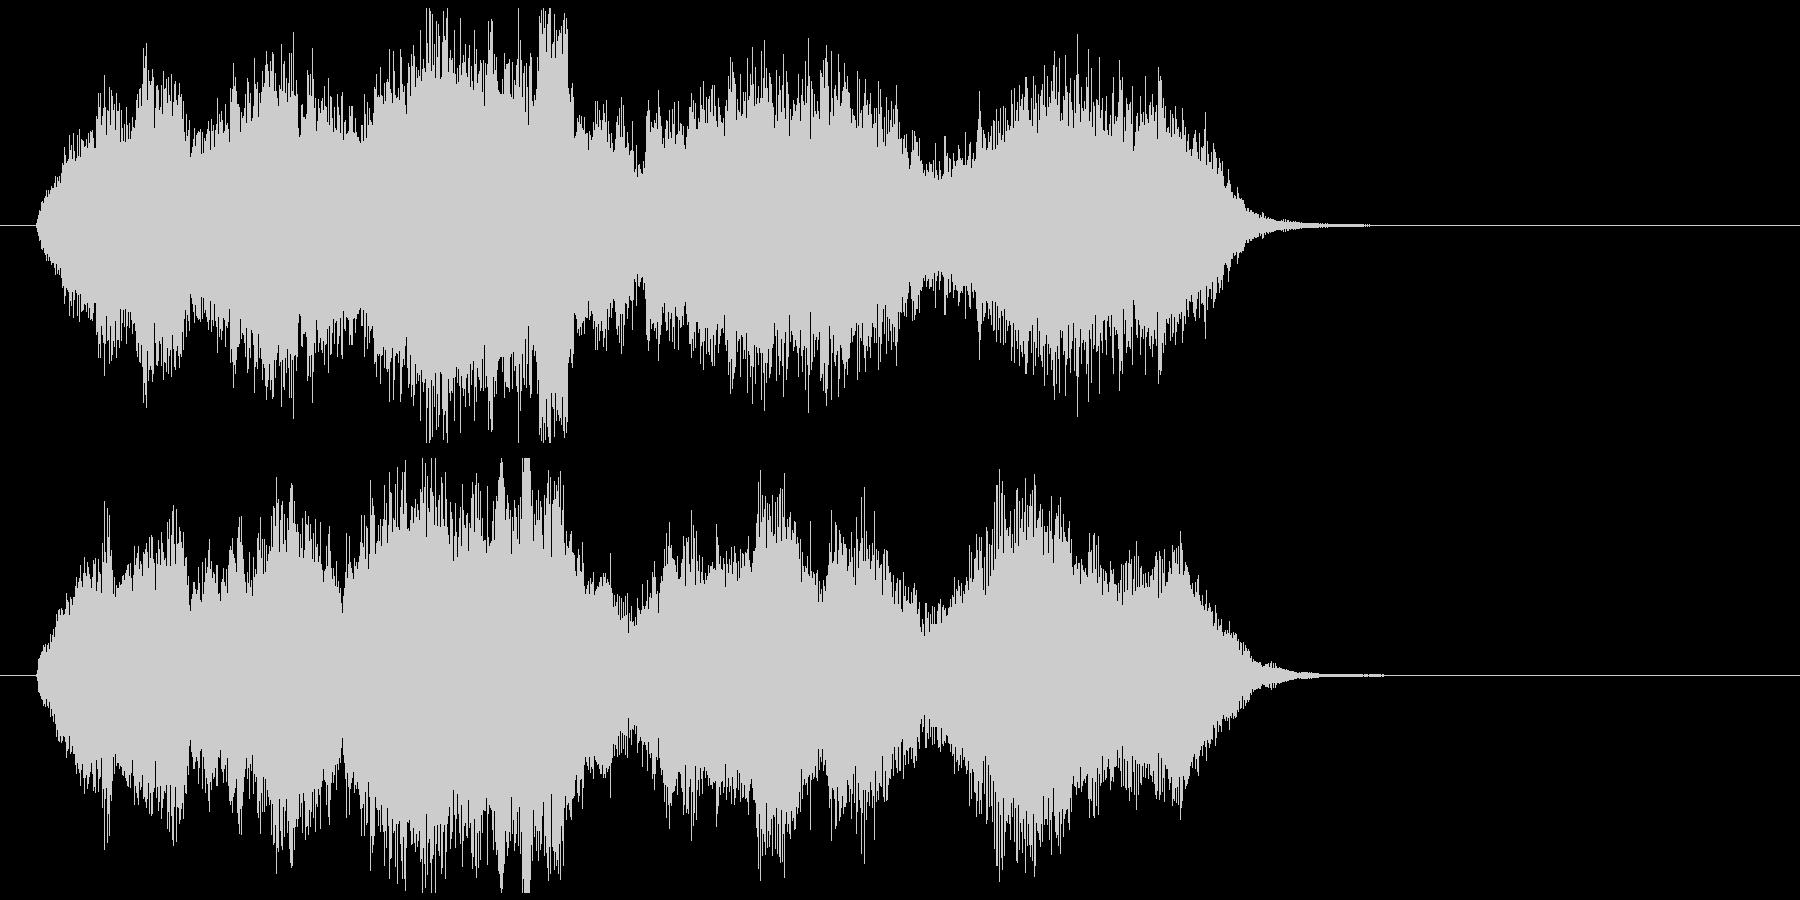 切なくて感動系のオーケストラジングルの未再生の波形